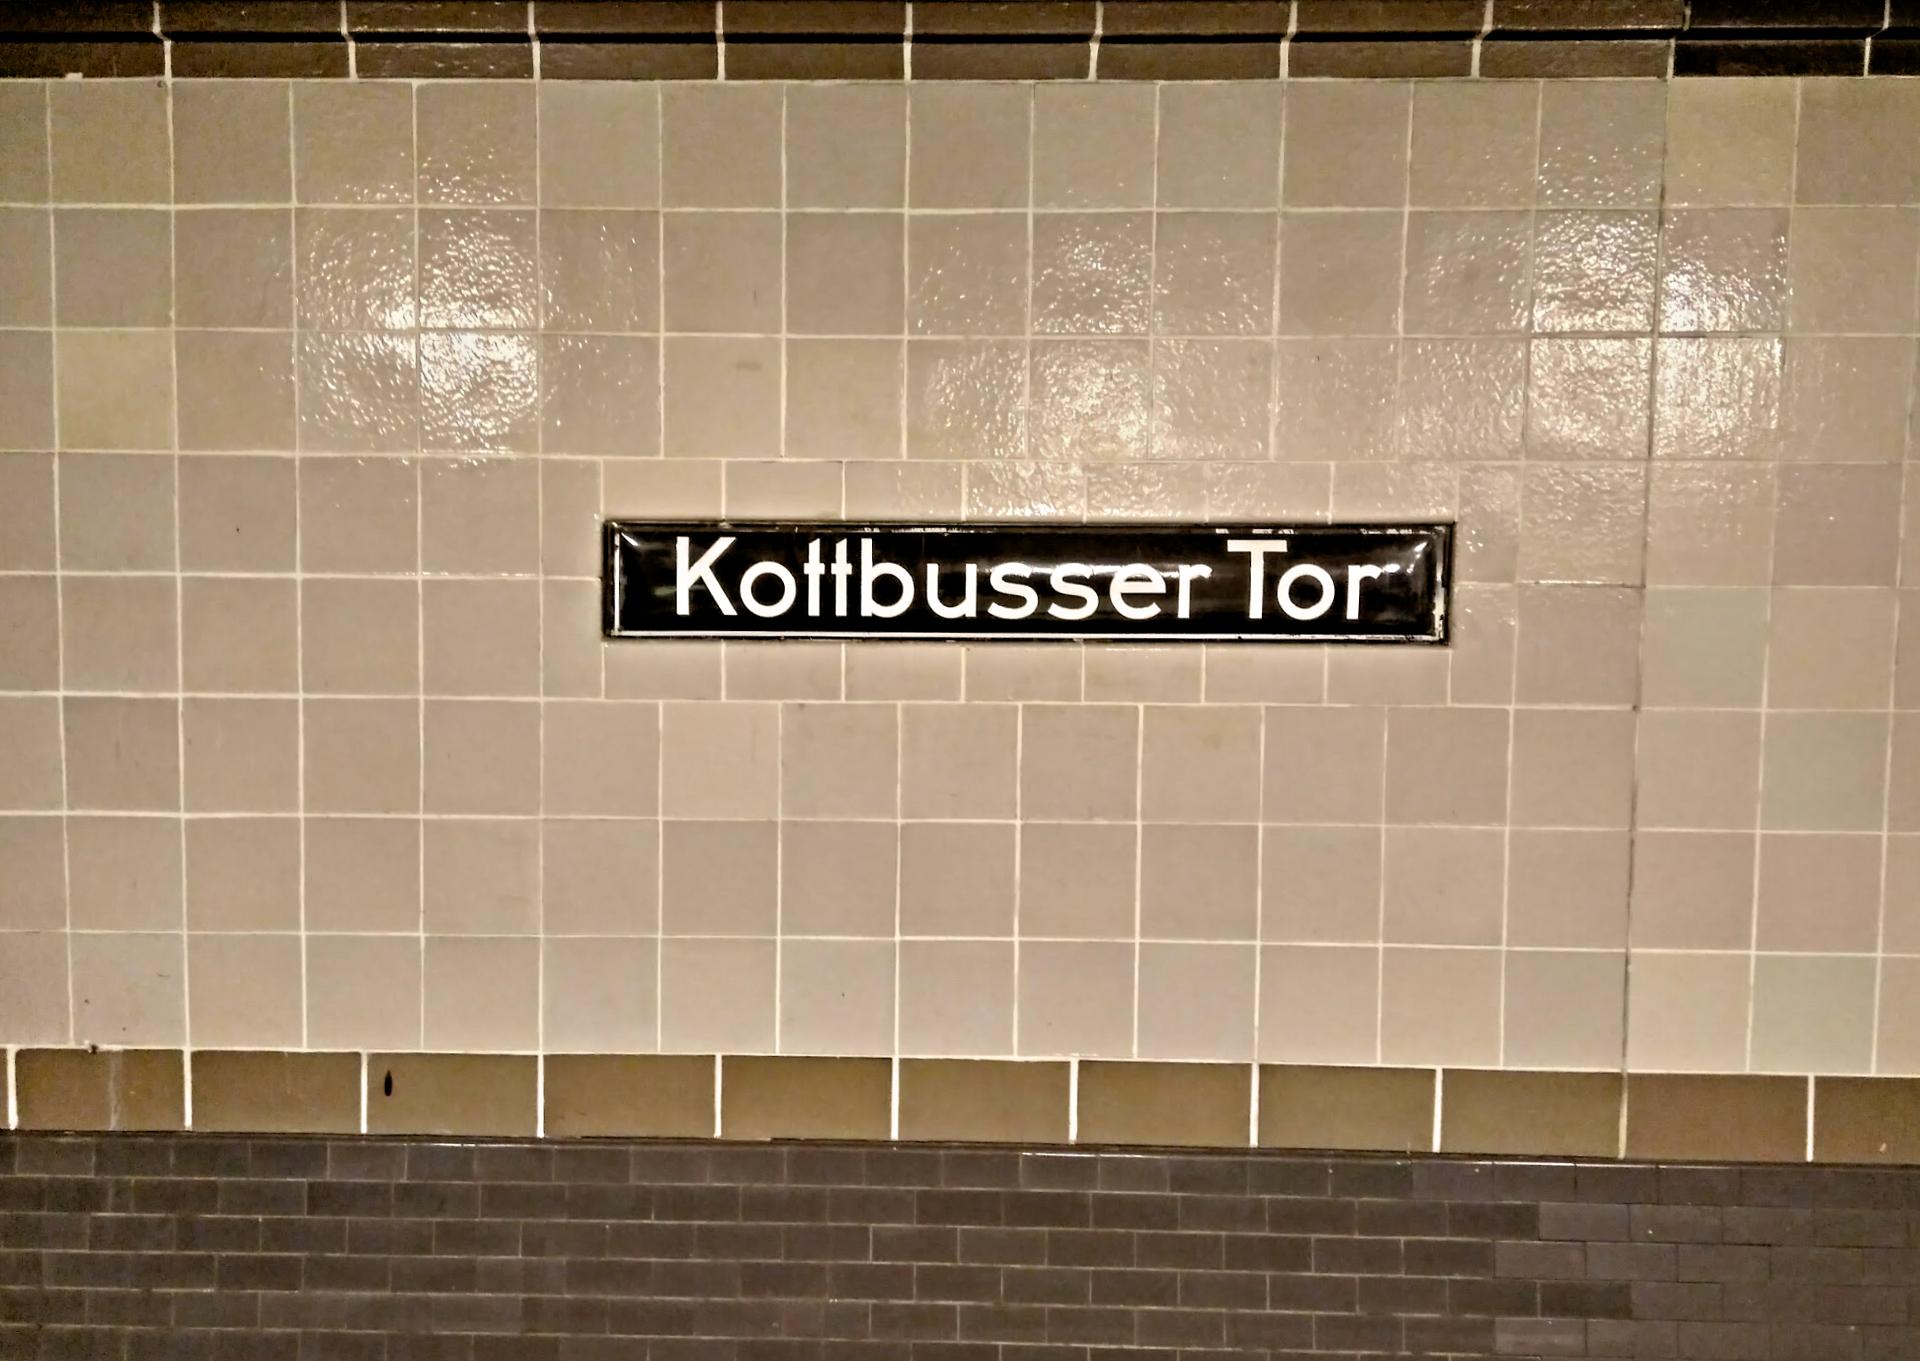 Kottbusser Tor U-Bahn Station